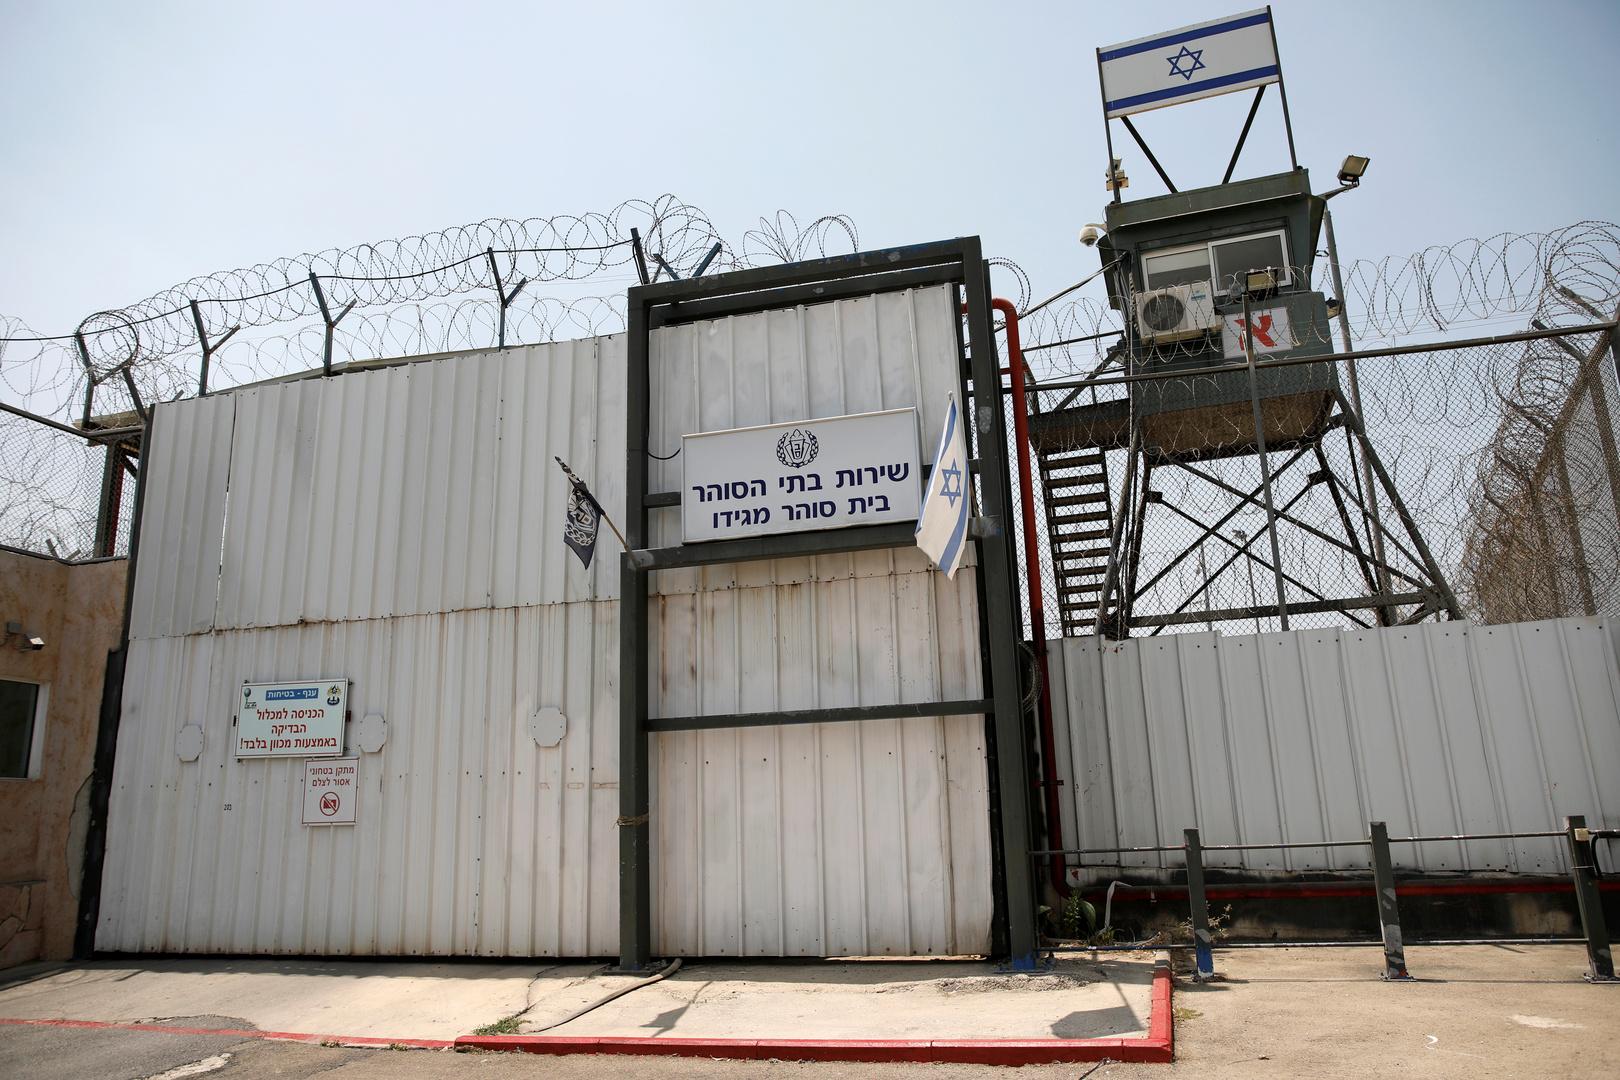 كورونا.. إسرائيل تحيل 500 سجين للإقامة الجبرية